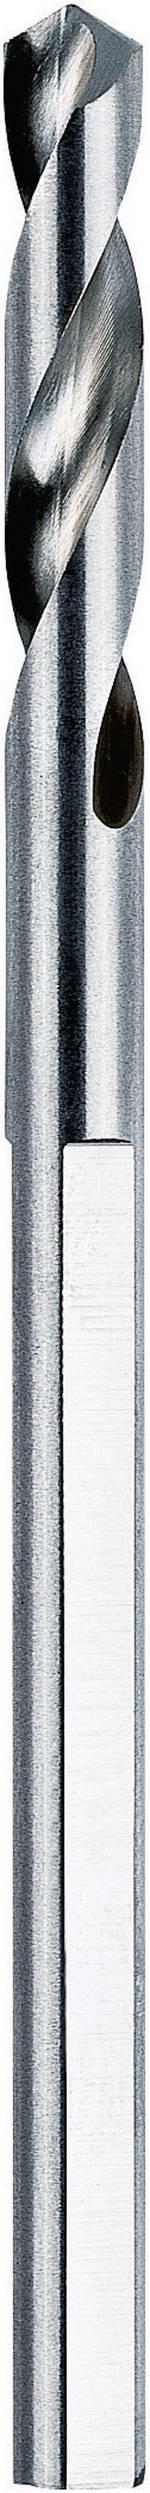 32-152 SDS-Plus avec foret de centrage 152 mm Heller 10071 7 Cobalt 1 pièce